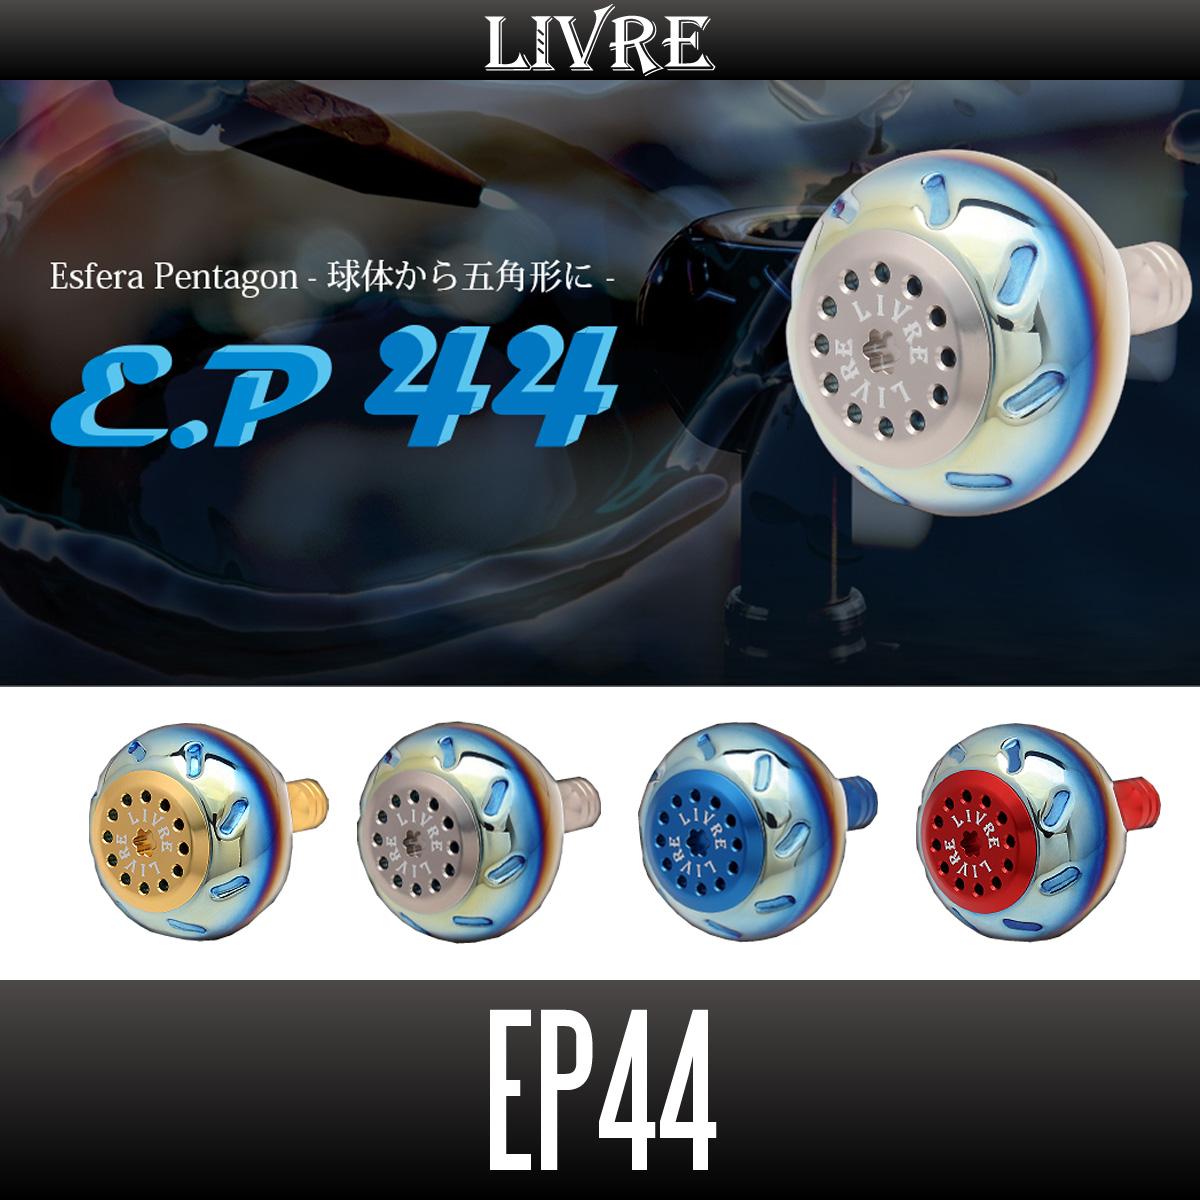 【リブレ/LIVRE】 EP44 ハンドルノブ HKAL ※送料無料※